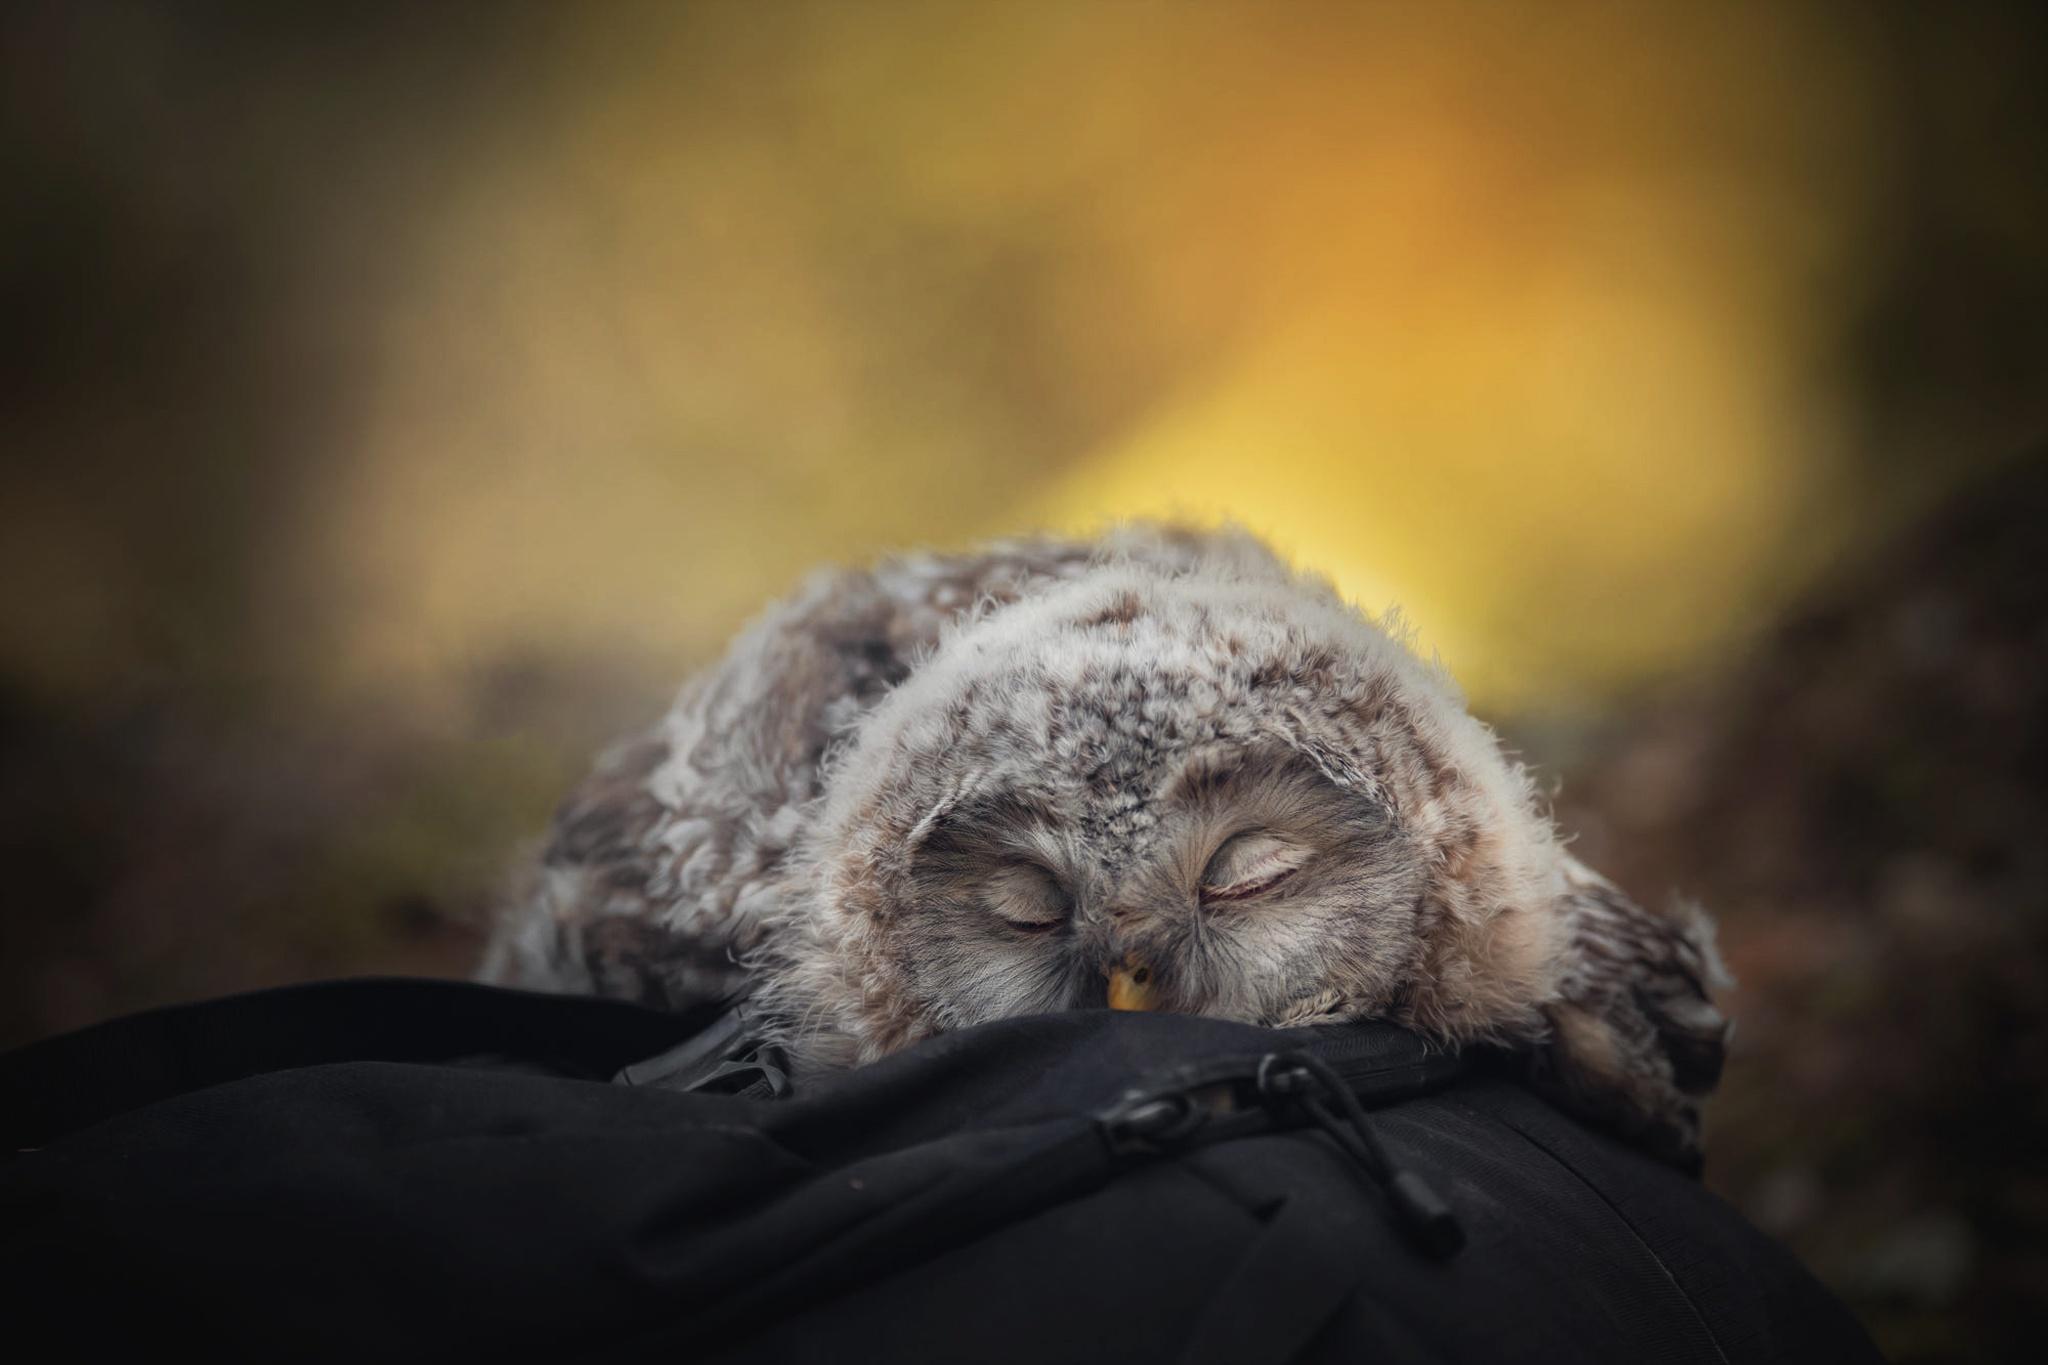 тебе сова спящая картинка прикольная жалейте